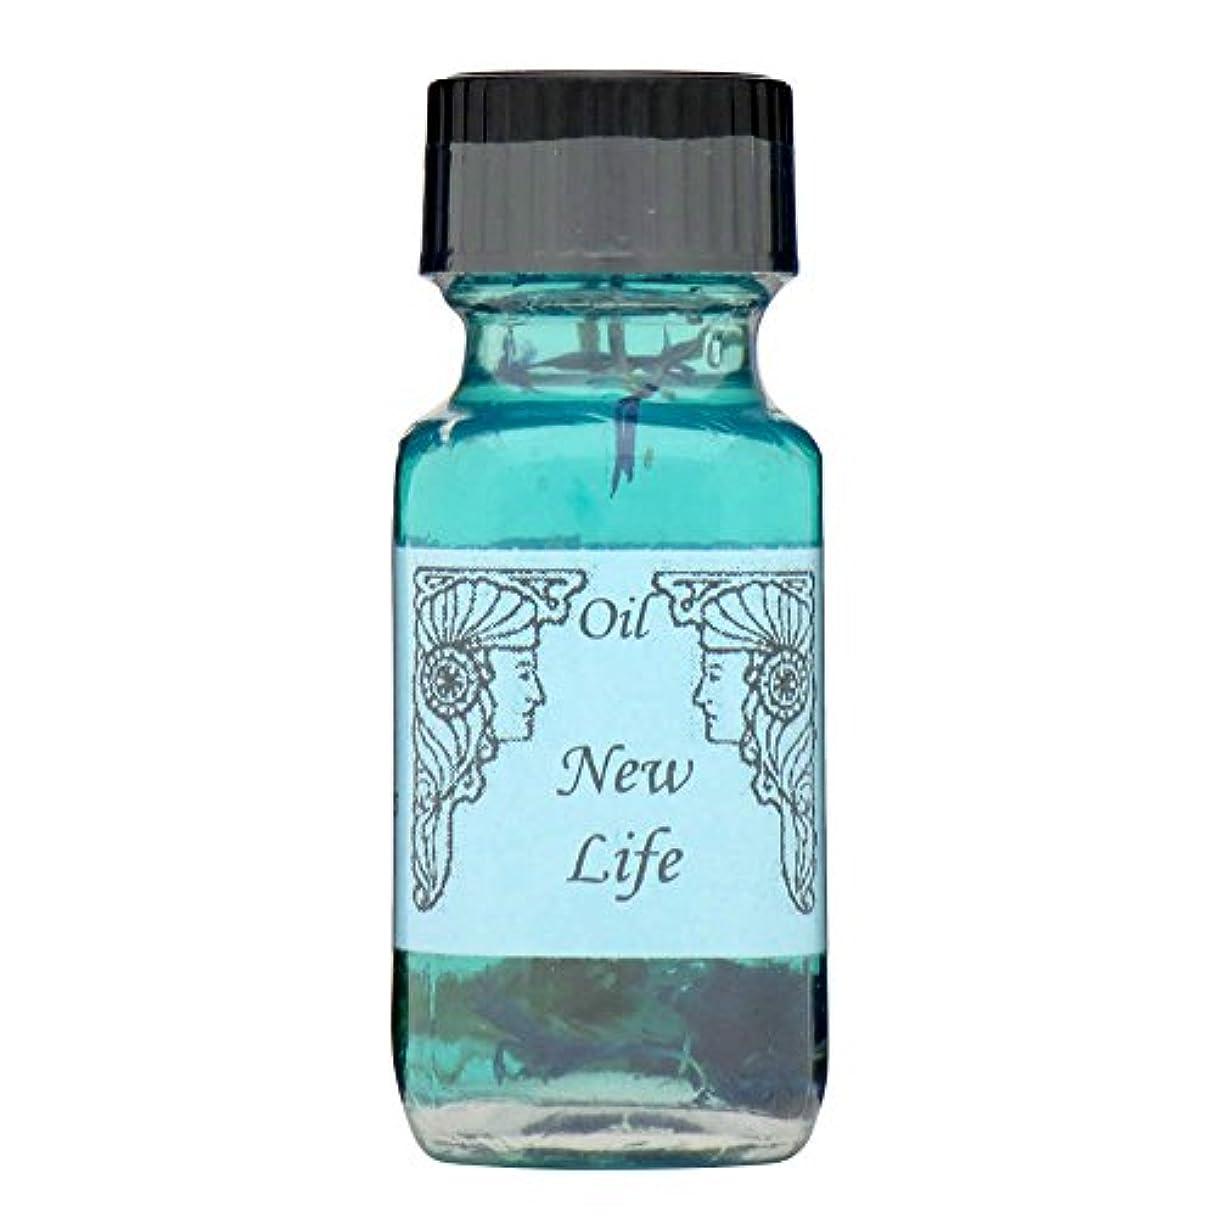 ハウス修正する信者アンシェントメモリーオイル ニューライフ (新しいチャンスと新しい始まり) 15ml (Ancient Memory Oils)